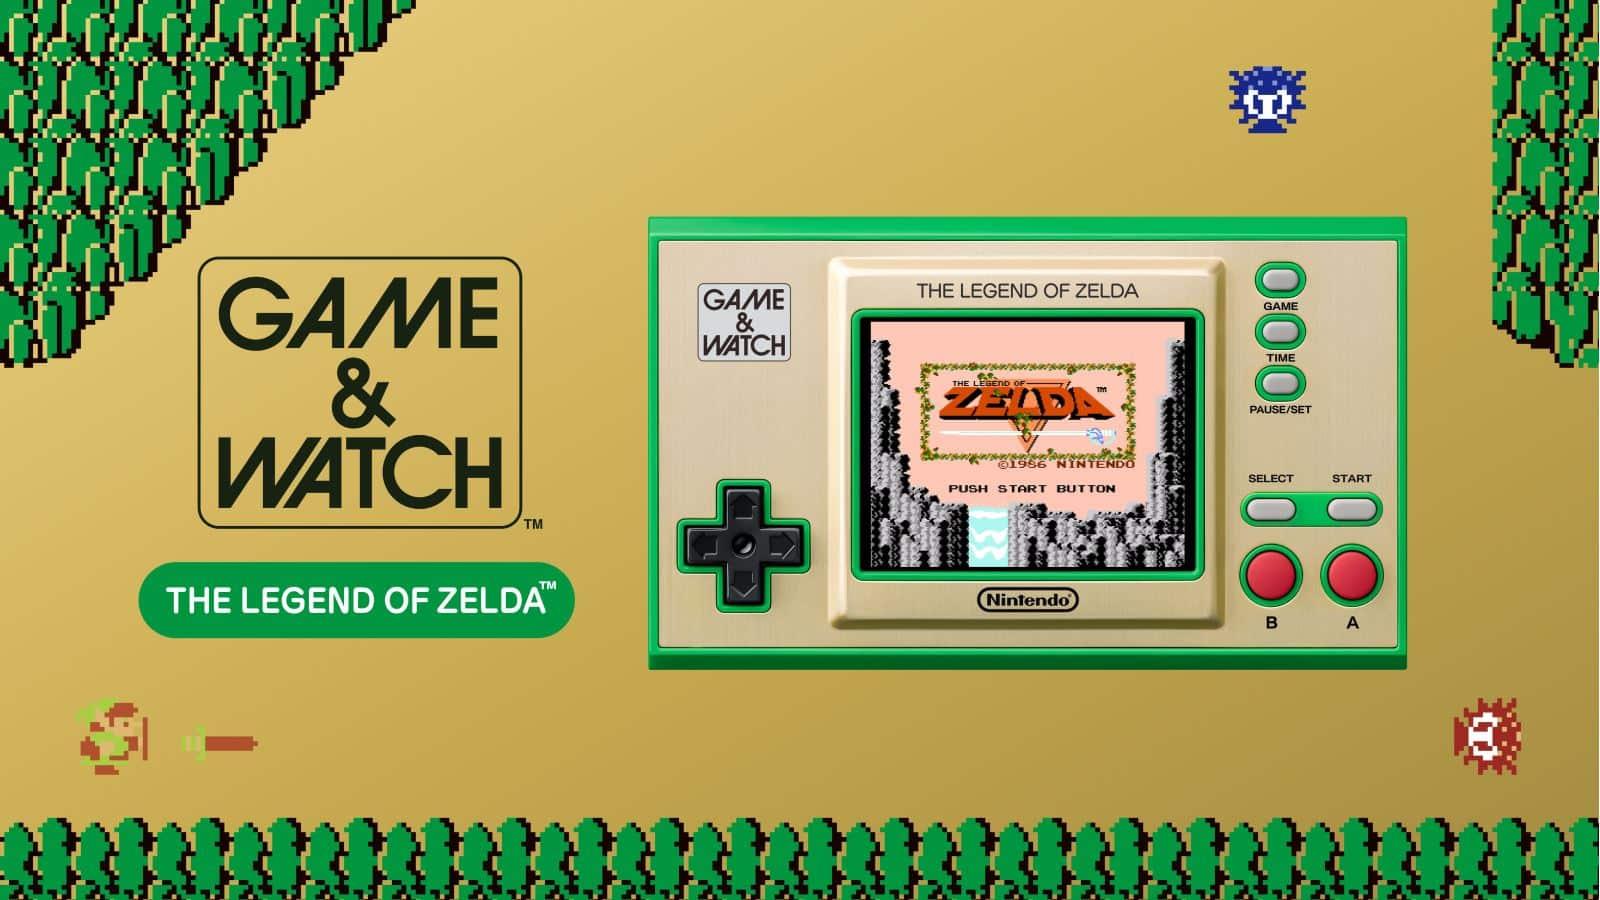 קונסולת Game & Watch: The Legend of Zelda